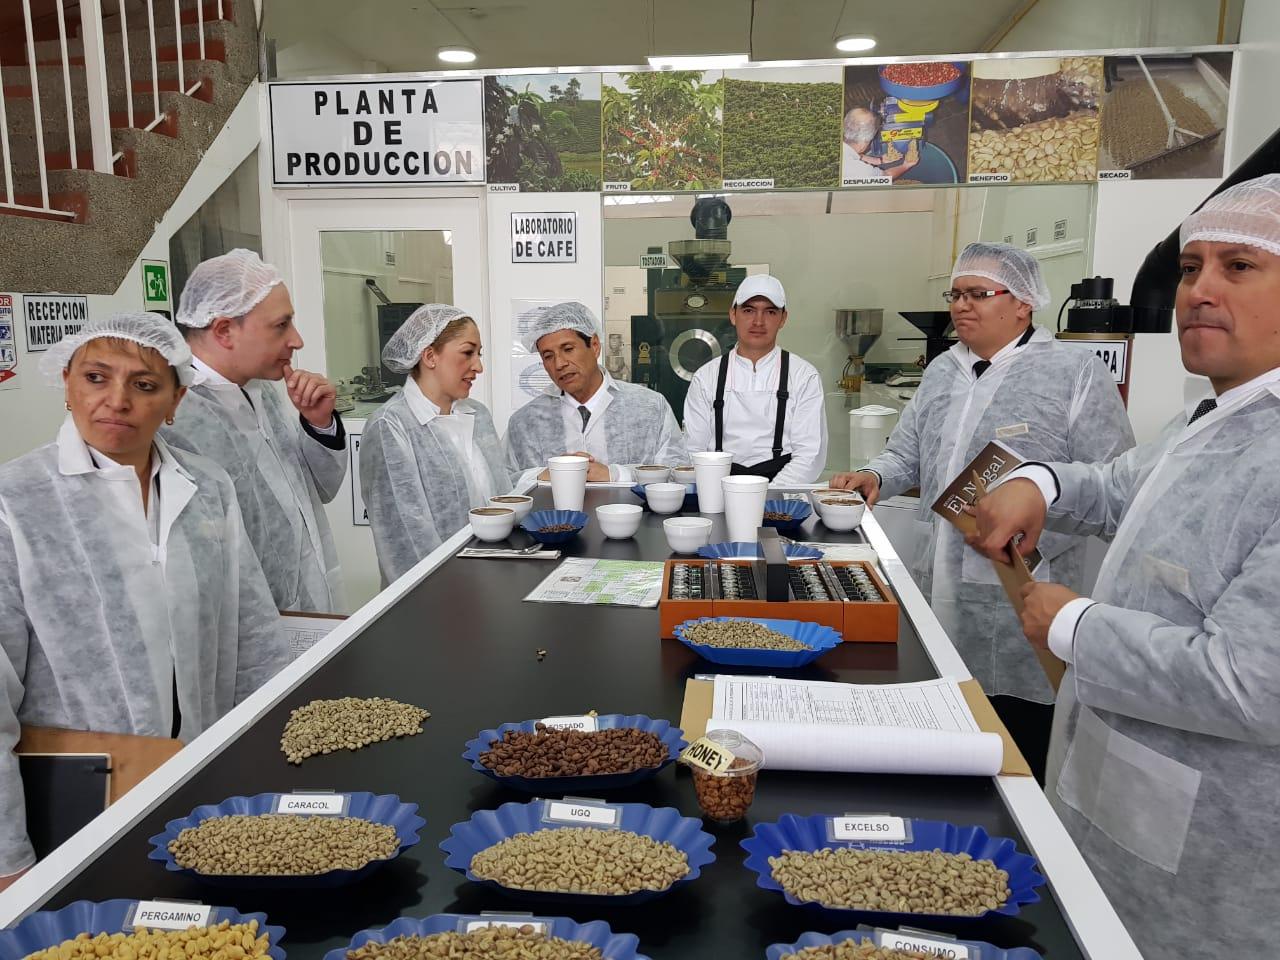 Planta de producción Café don Pedro